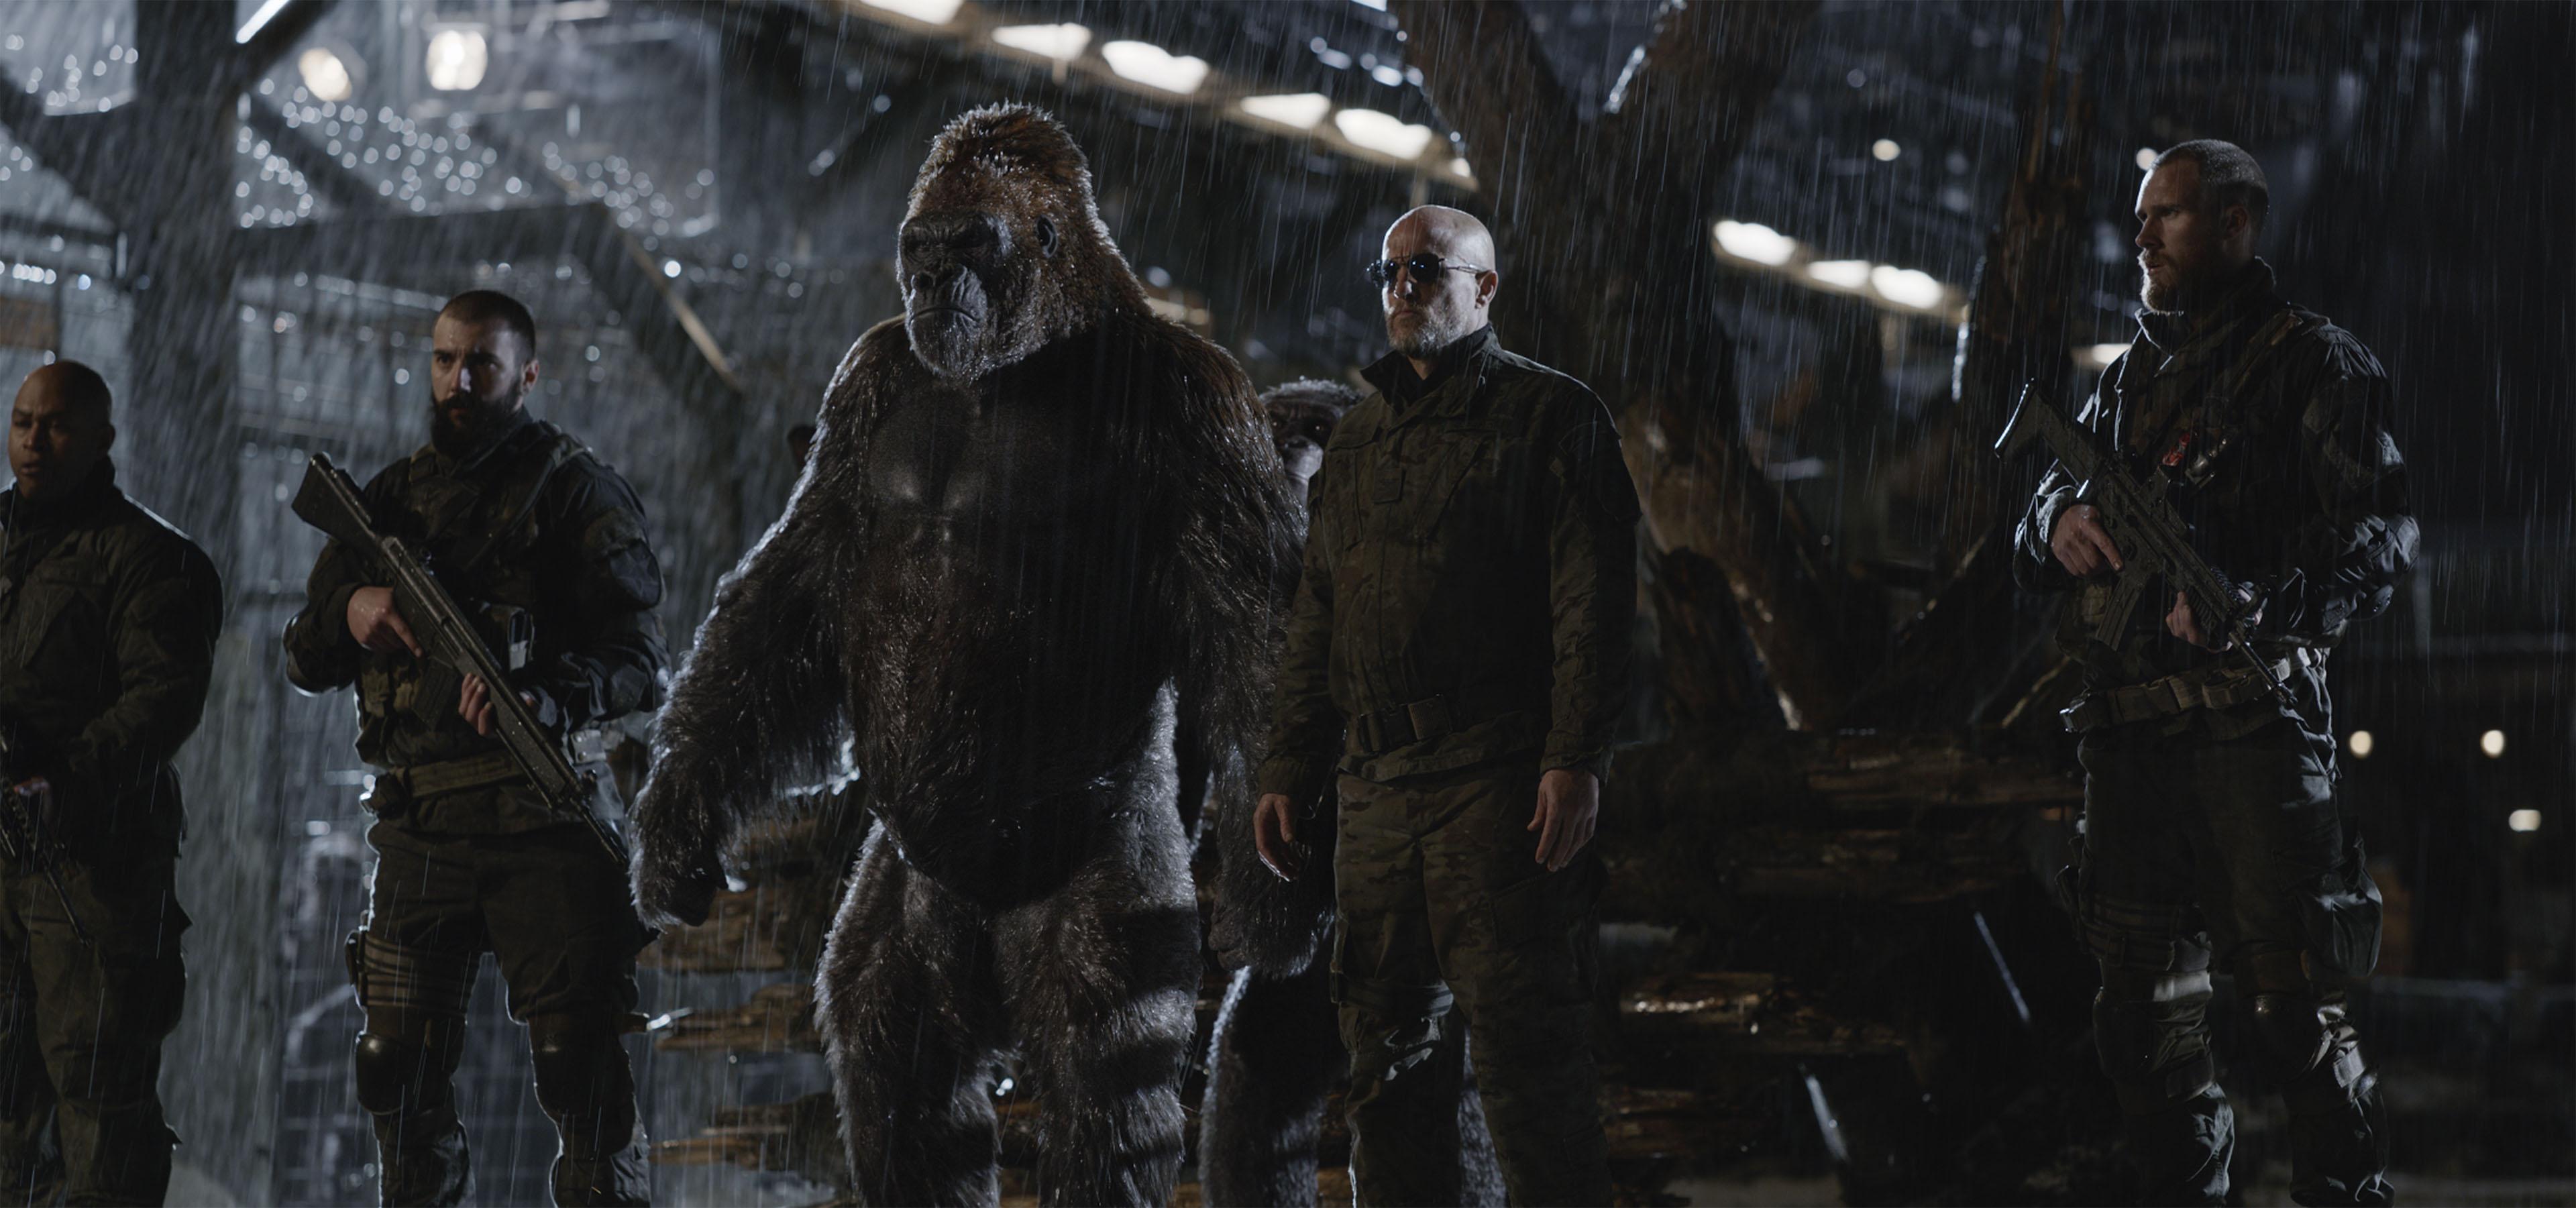 Cena do filme Planeta dos Macacos A Guerra, ou War for the Planet of the Apes, que mostra o Coronel, interpretado por Woody Harrelson, ao lado de um macaco que ajuda os humanos.